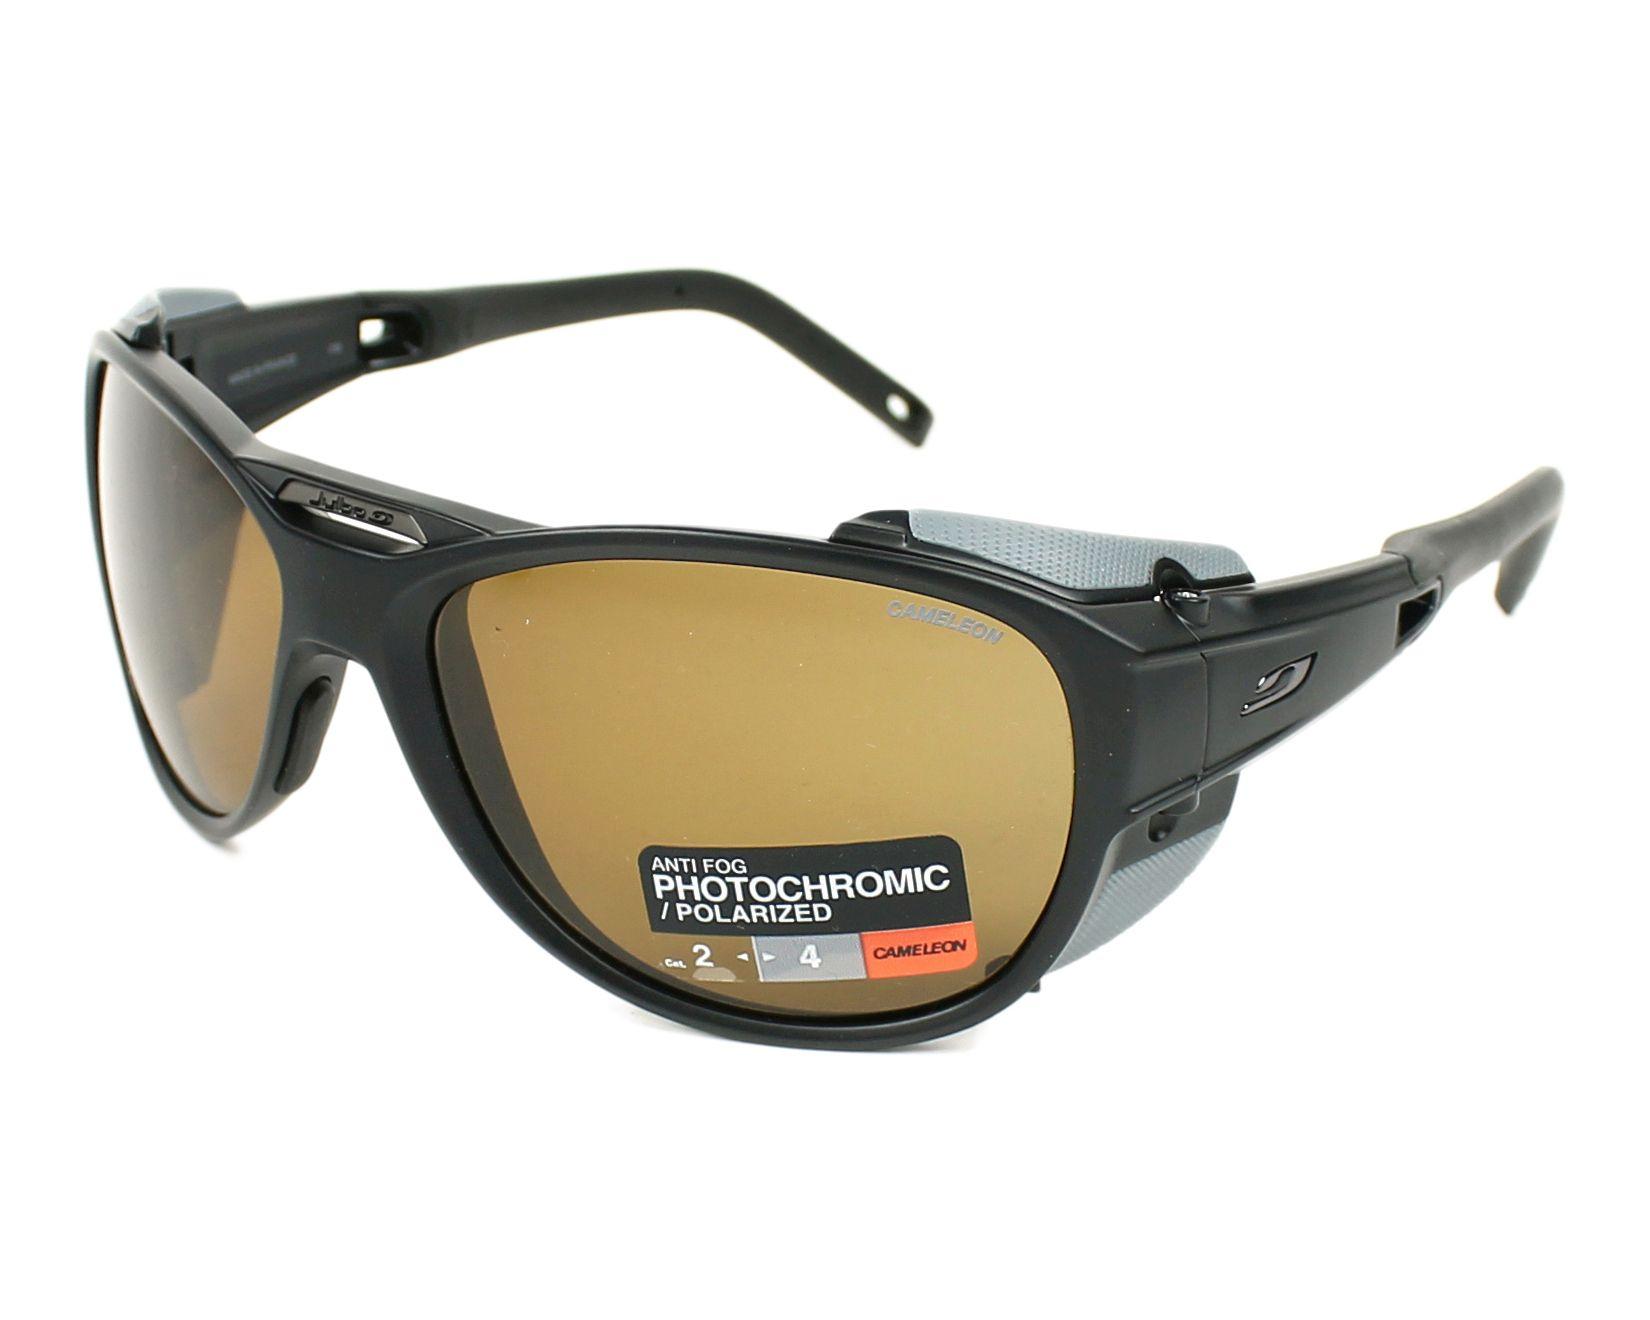 e9f17dd74cde Sunglasses Julbo J497 5014 61-11 Black Grey profile view